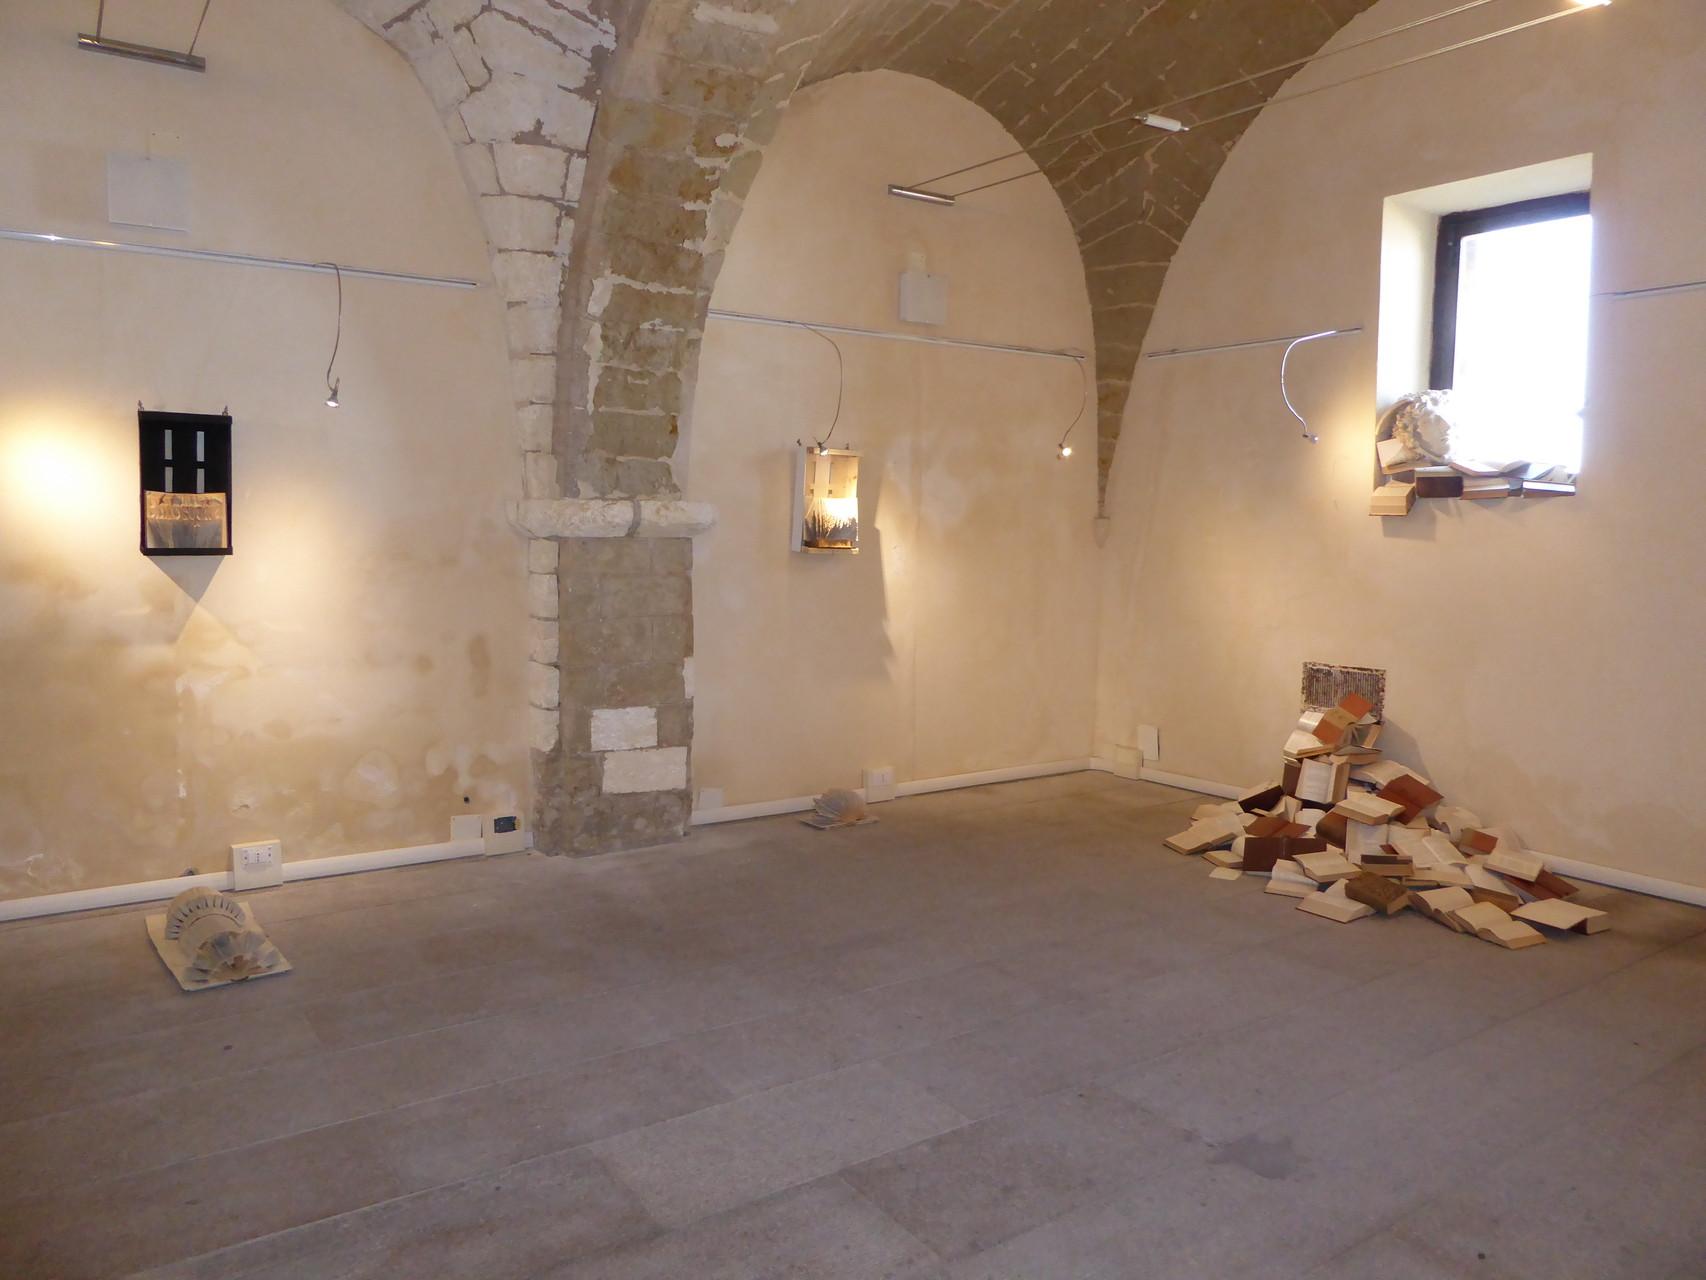 Und in diesen Burgen wird man plötzlich von einer modernen Kunstausstellung überrascht (Castelsardo).